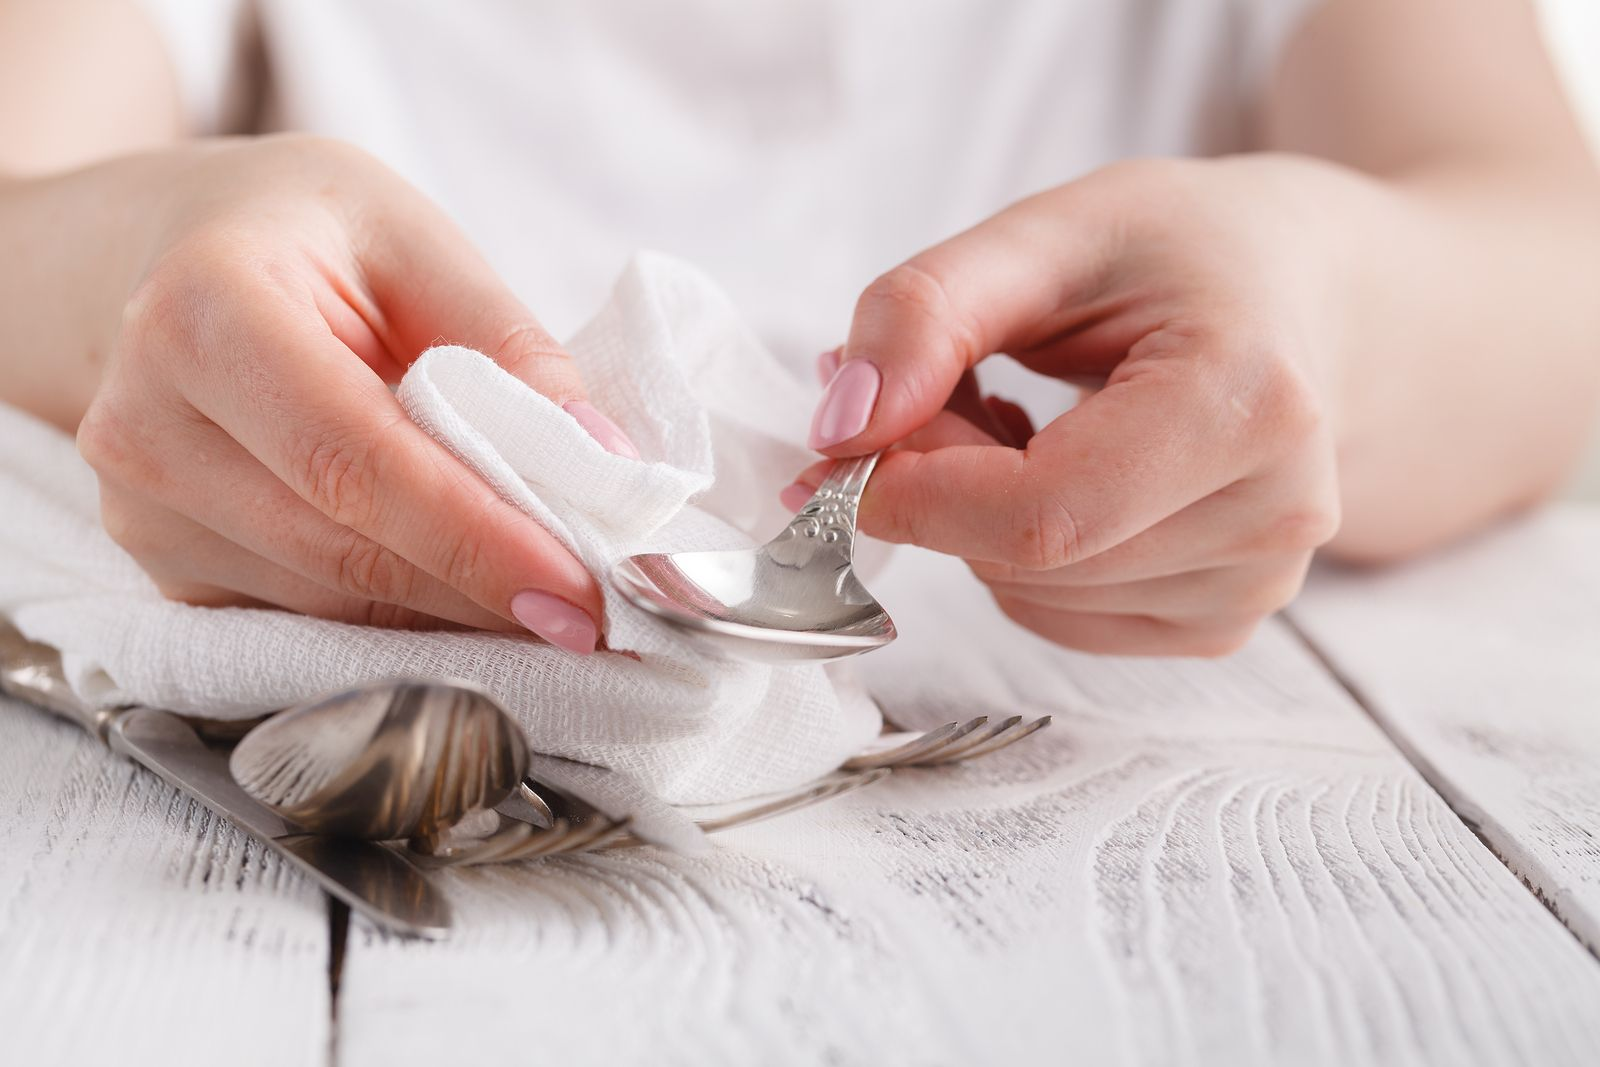 e5bb3369a14d Sencillos trucos para limpiar los objetos de plata y oro